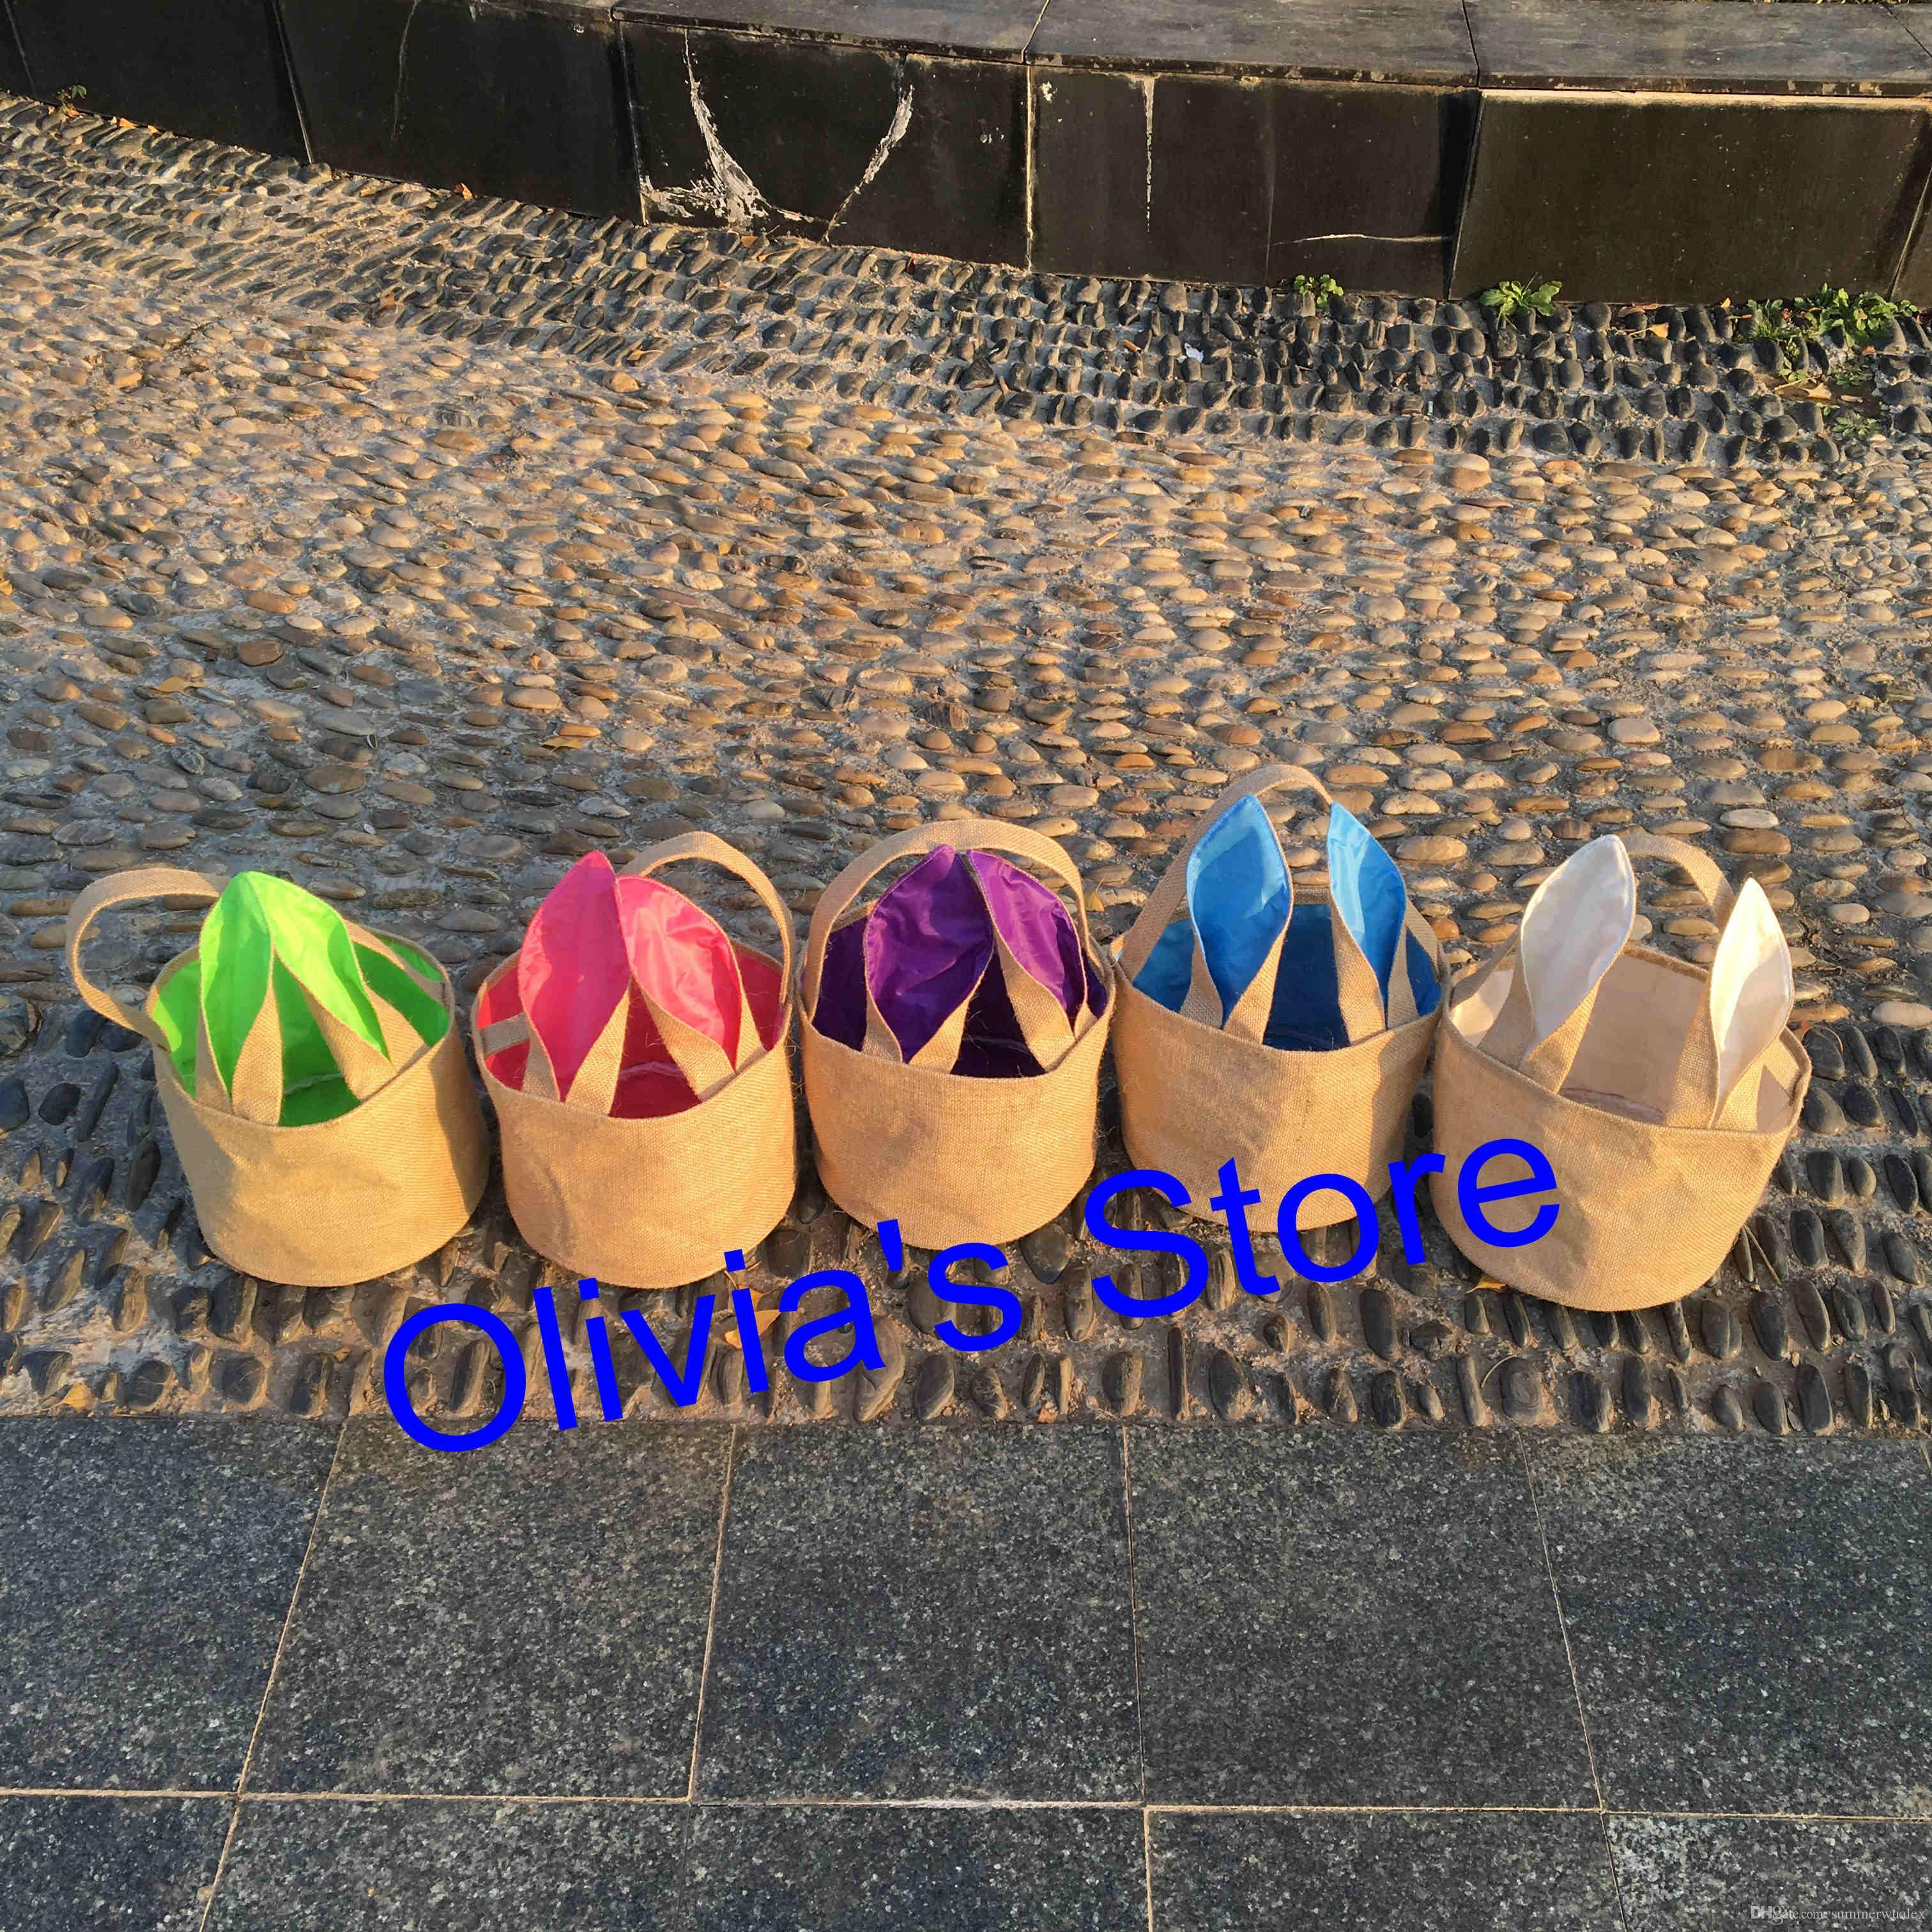 Commercio all'ingrosso 2018 easter egg basket monogrammed juta coniglietto di pasqua secchio tote borse bambini regalo caramelle pentola